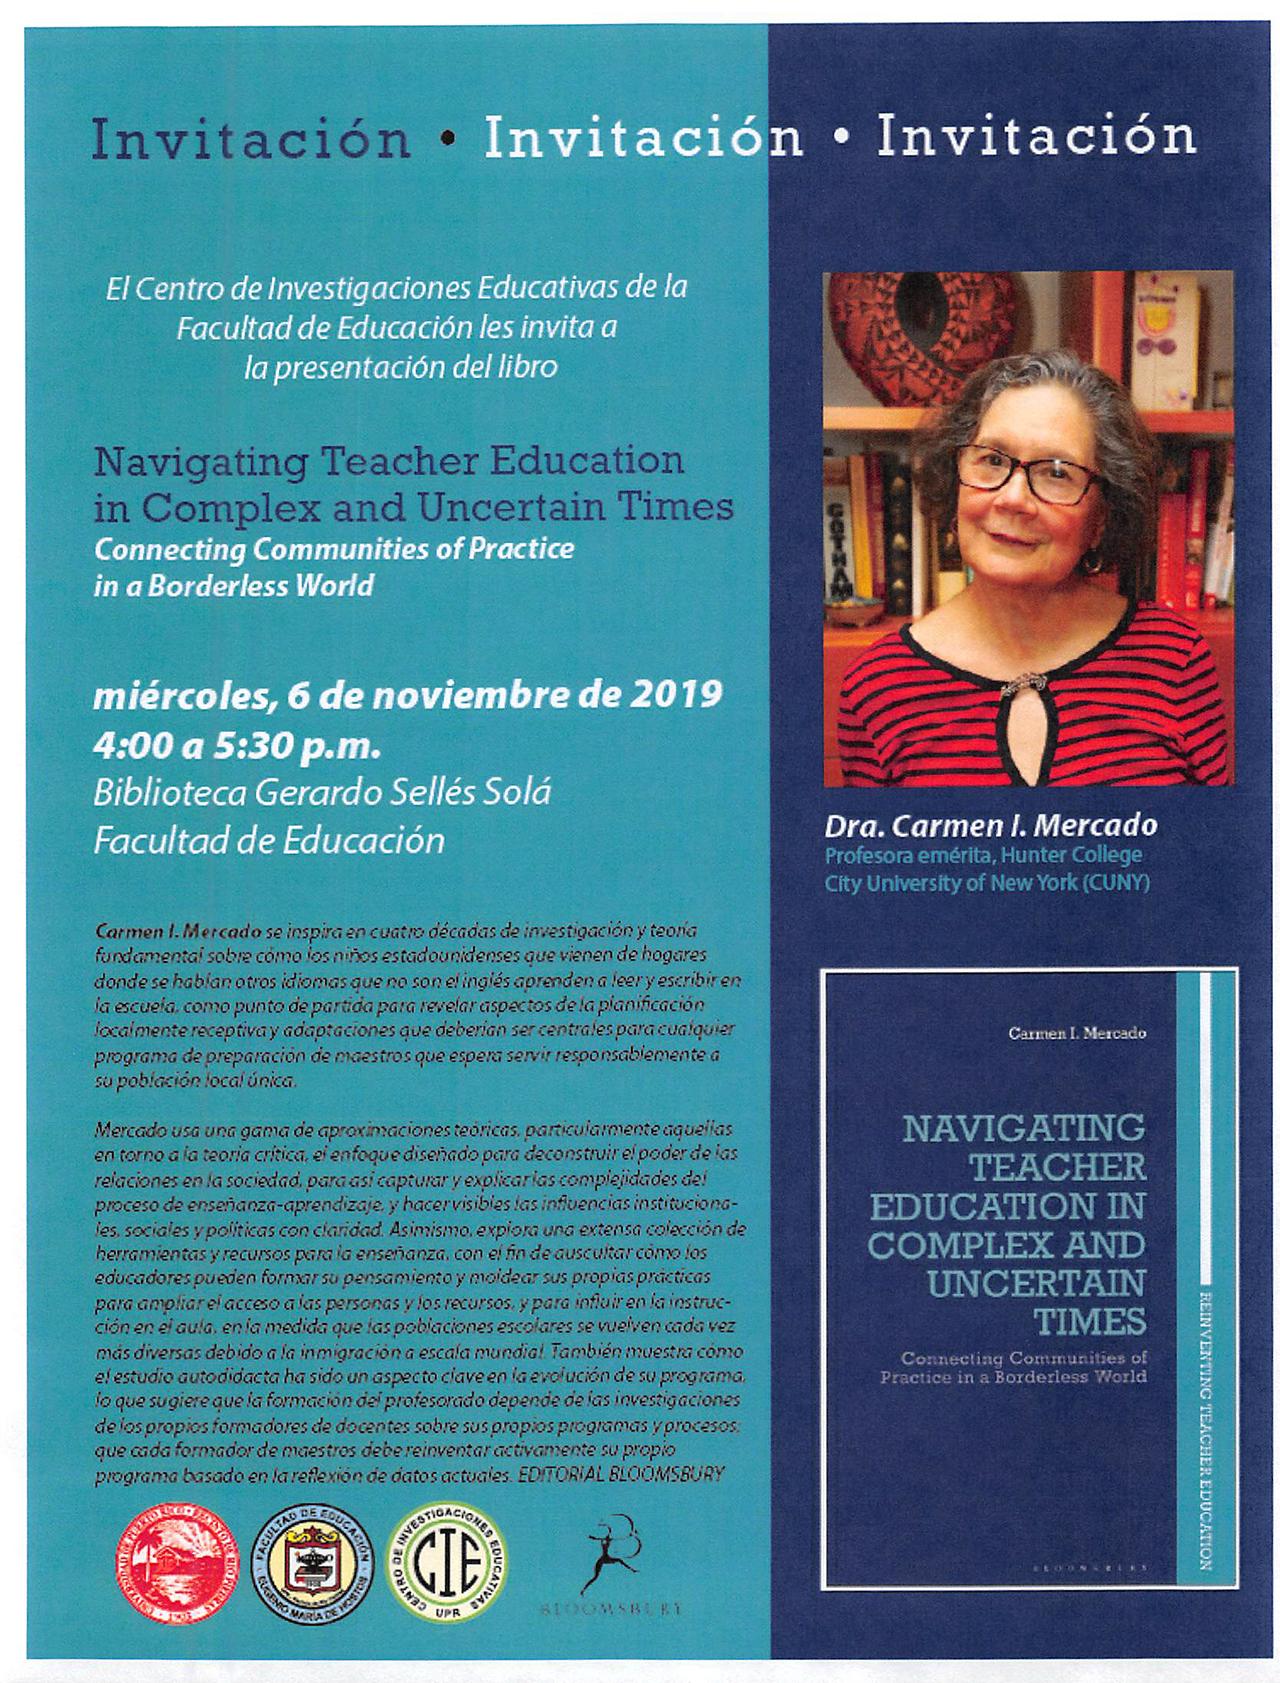 Presentación del libro Navigating Teacher Education in Complex and Uncertain Times @ Biblioteca Gerardo Sellés Solá